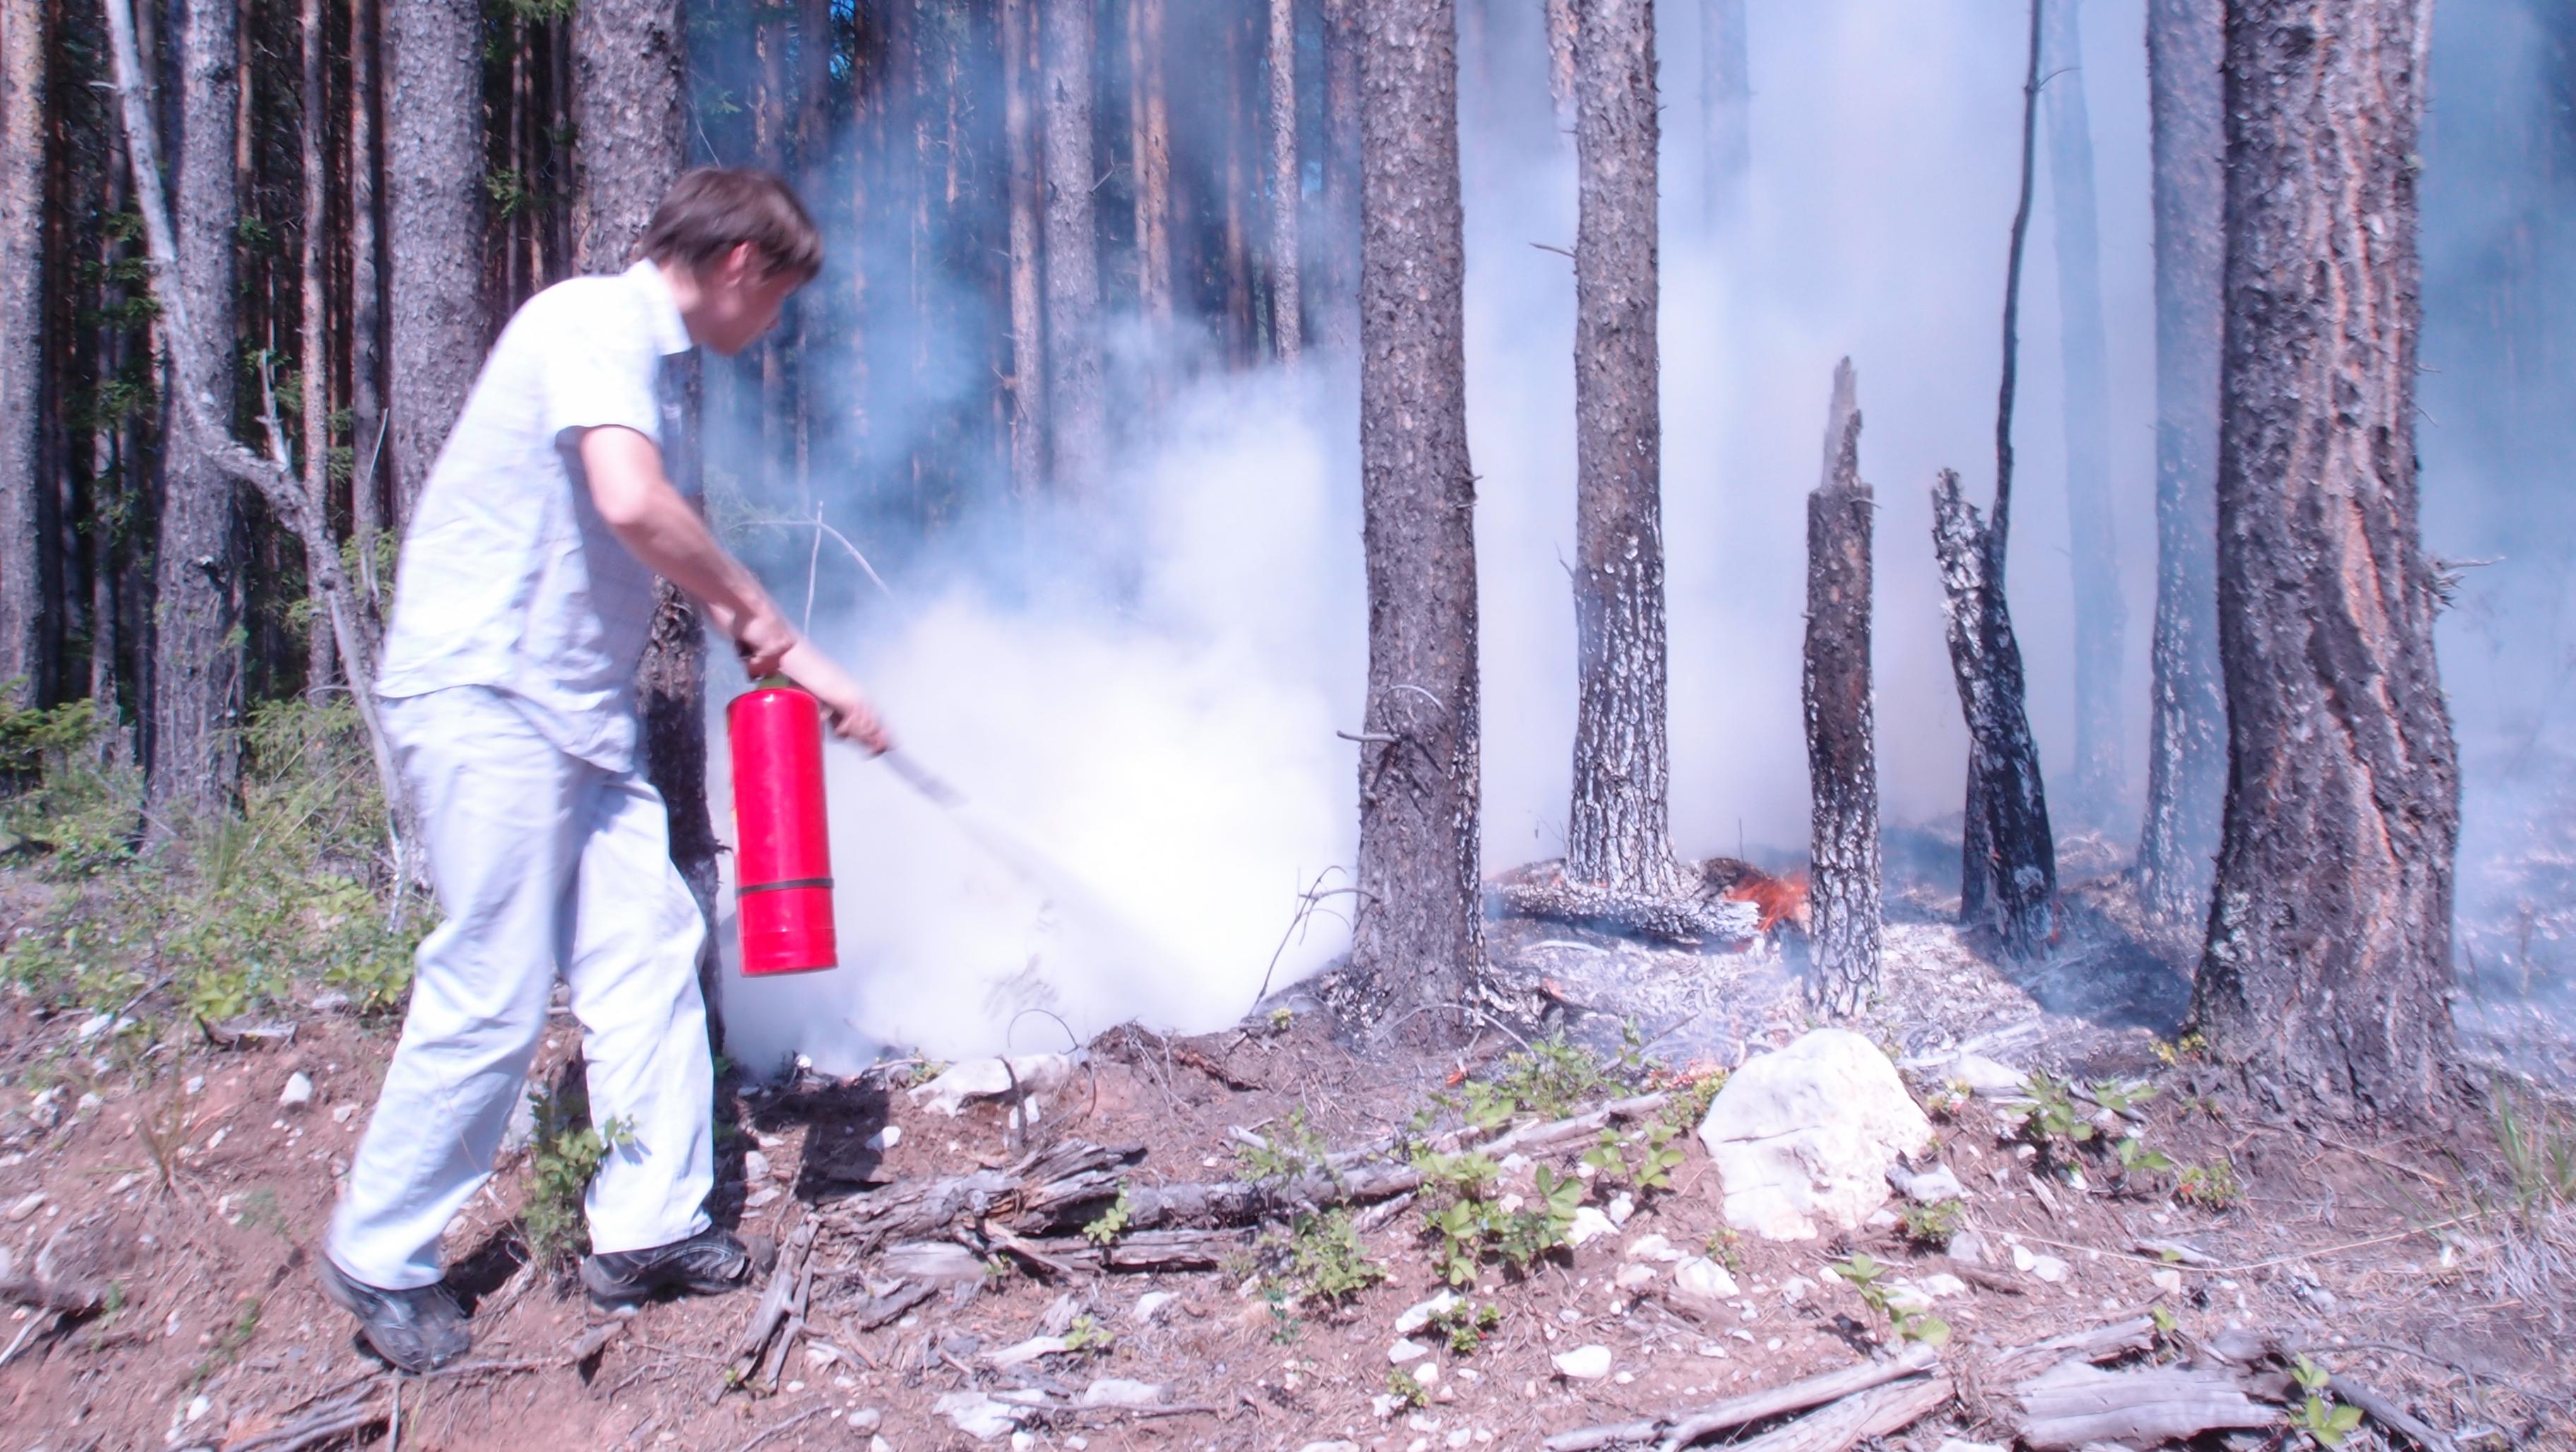 Тушение лесного пожара порошковым огнетушителем